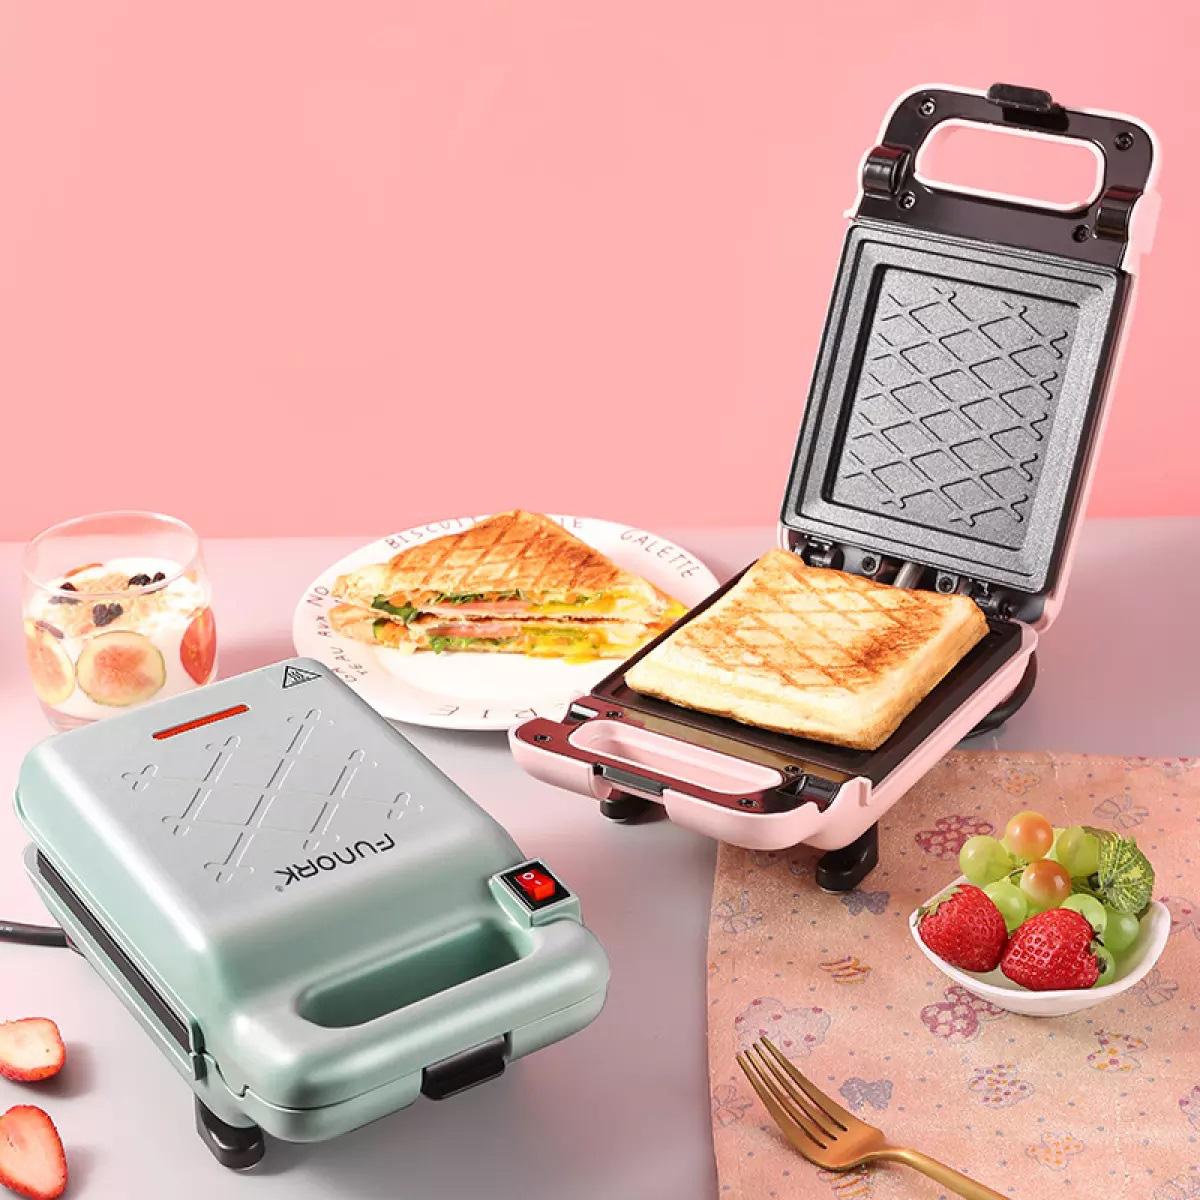 Từ 600k sắm ngay máy nướng bánh sandwich rán được cả trứng xịn sò - Ảnh 5.